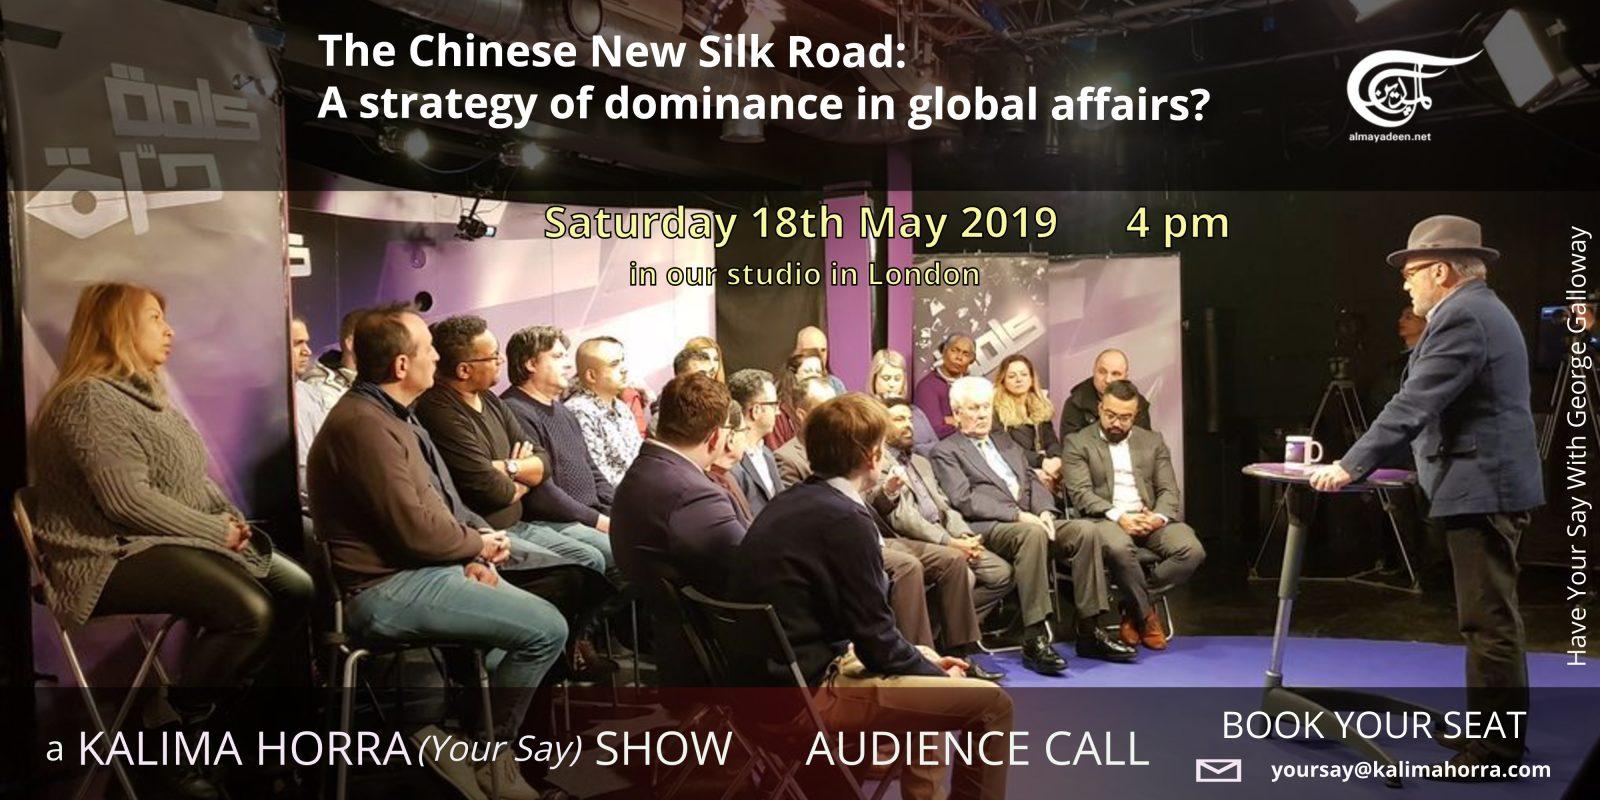 China New Silk Road - Kalima Horra 18 May 19